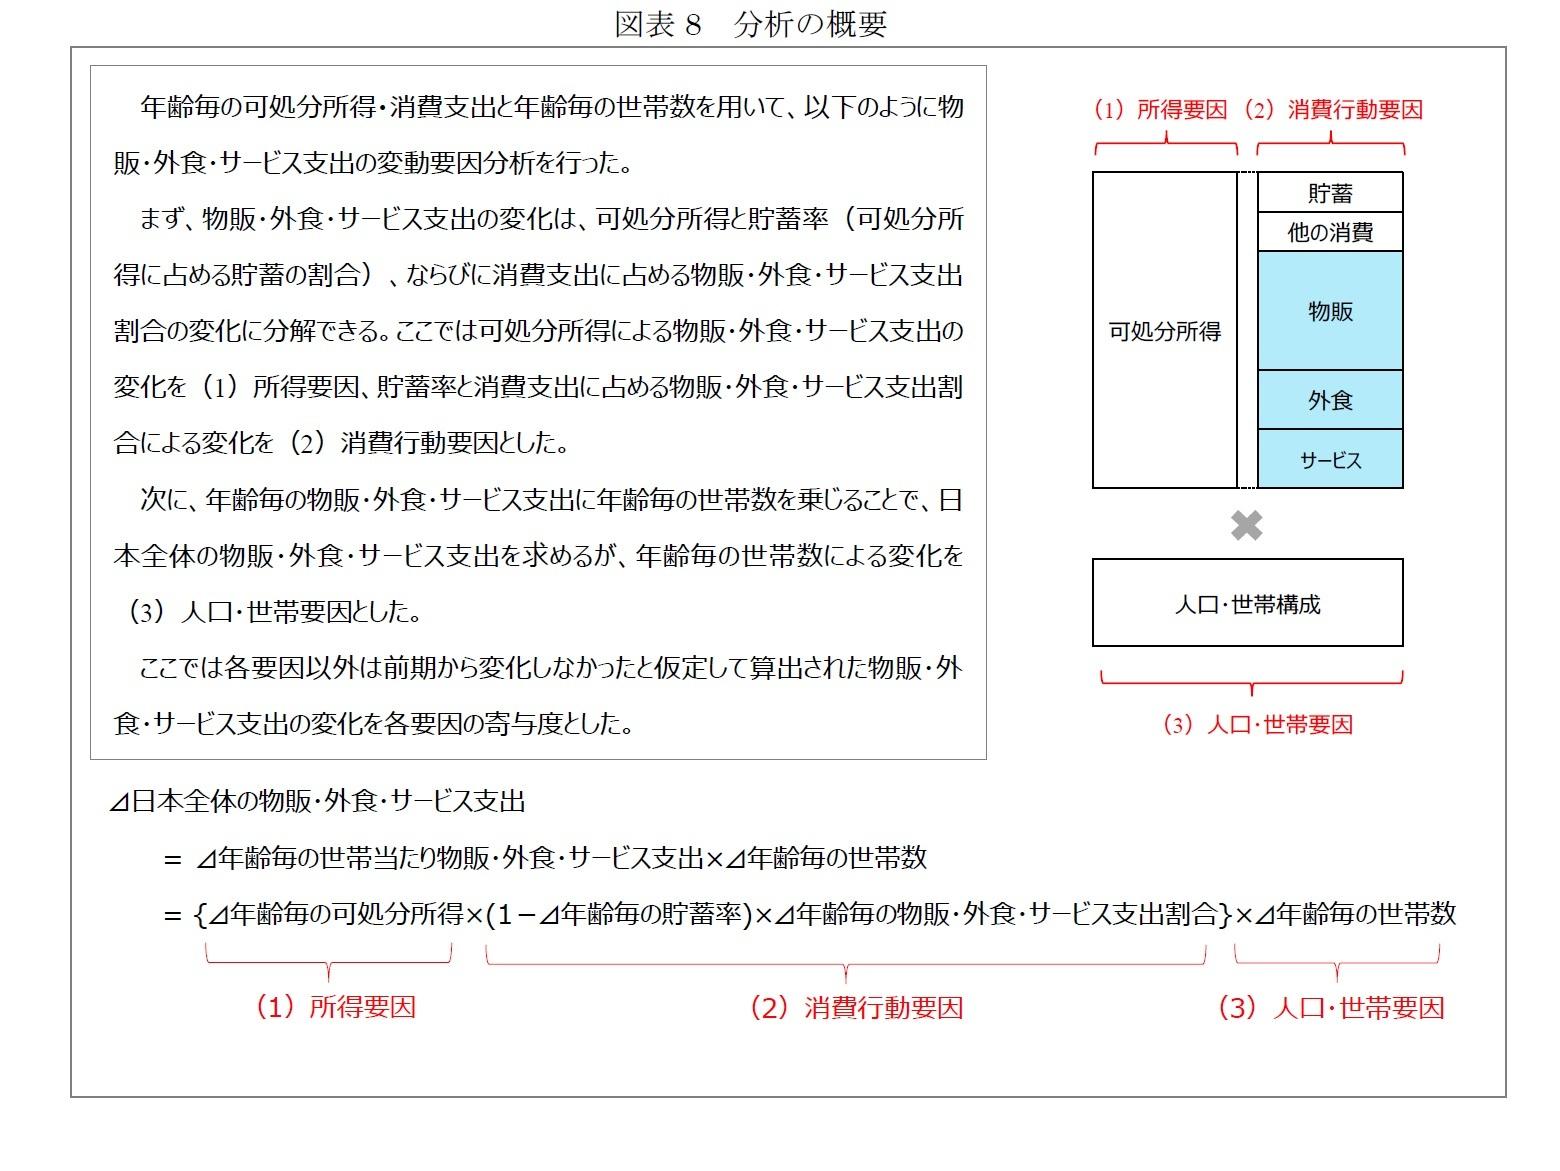 図表8 分析の概要